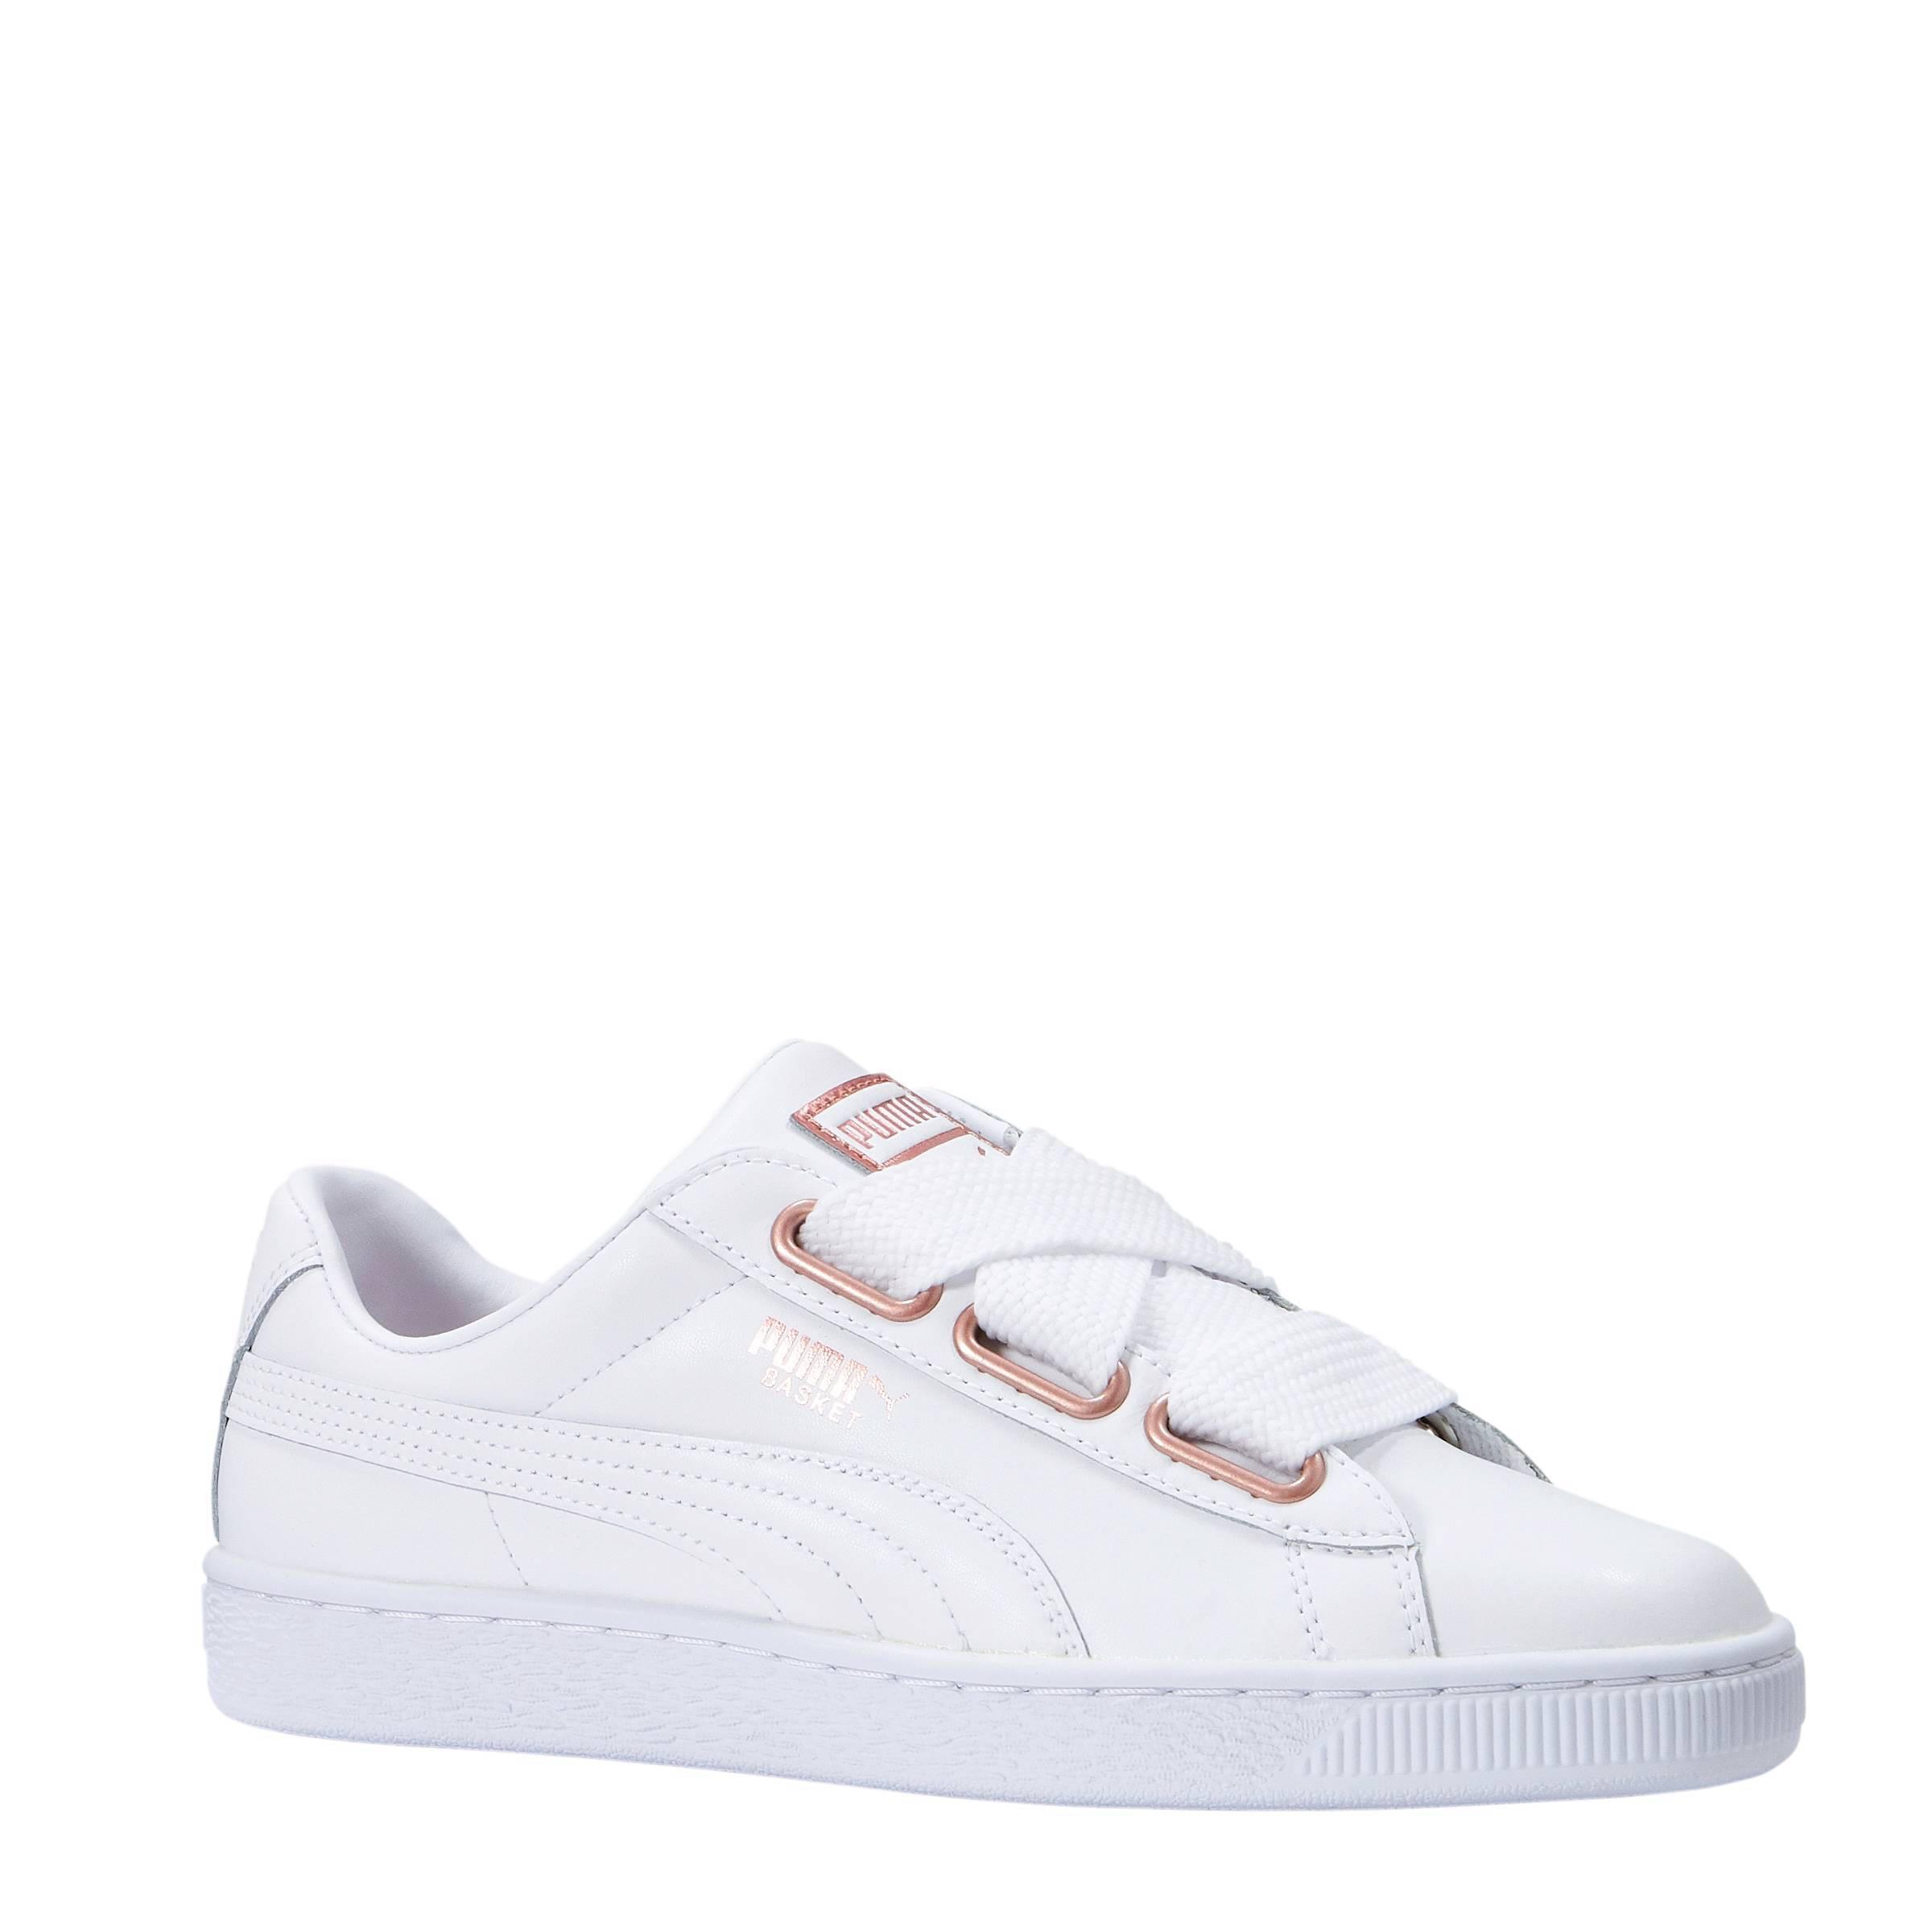 Basket Heart sneakers wit